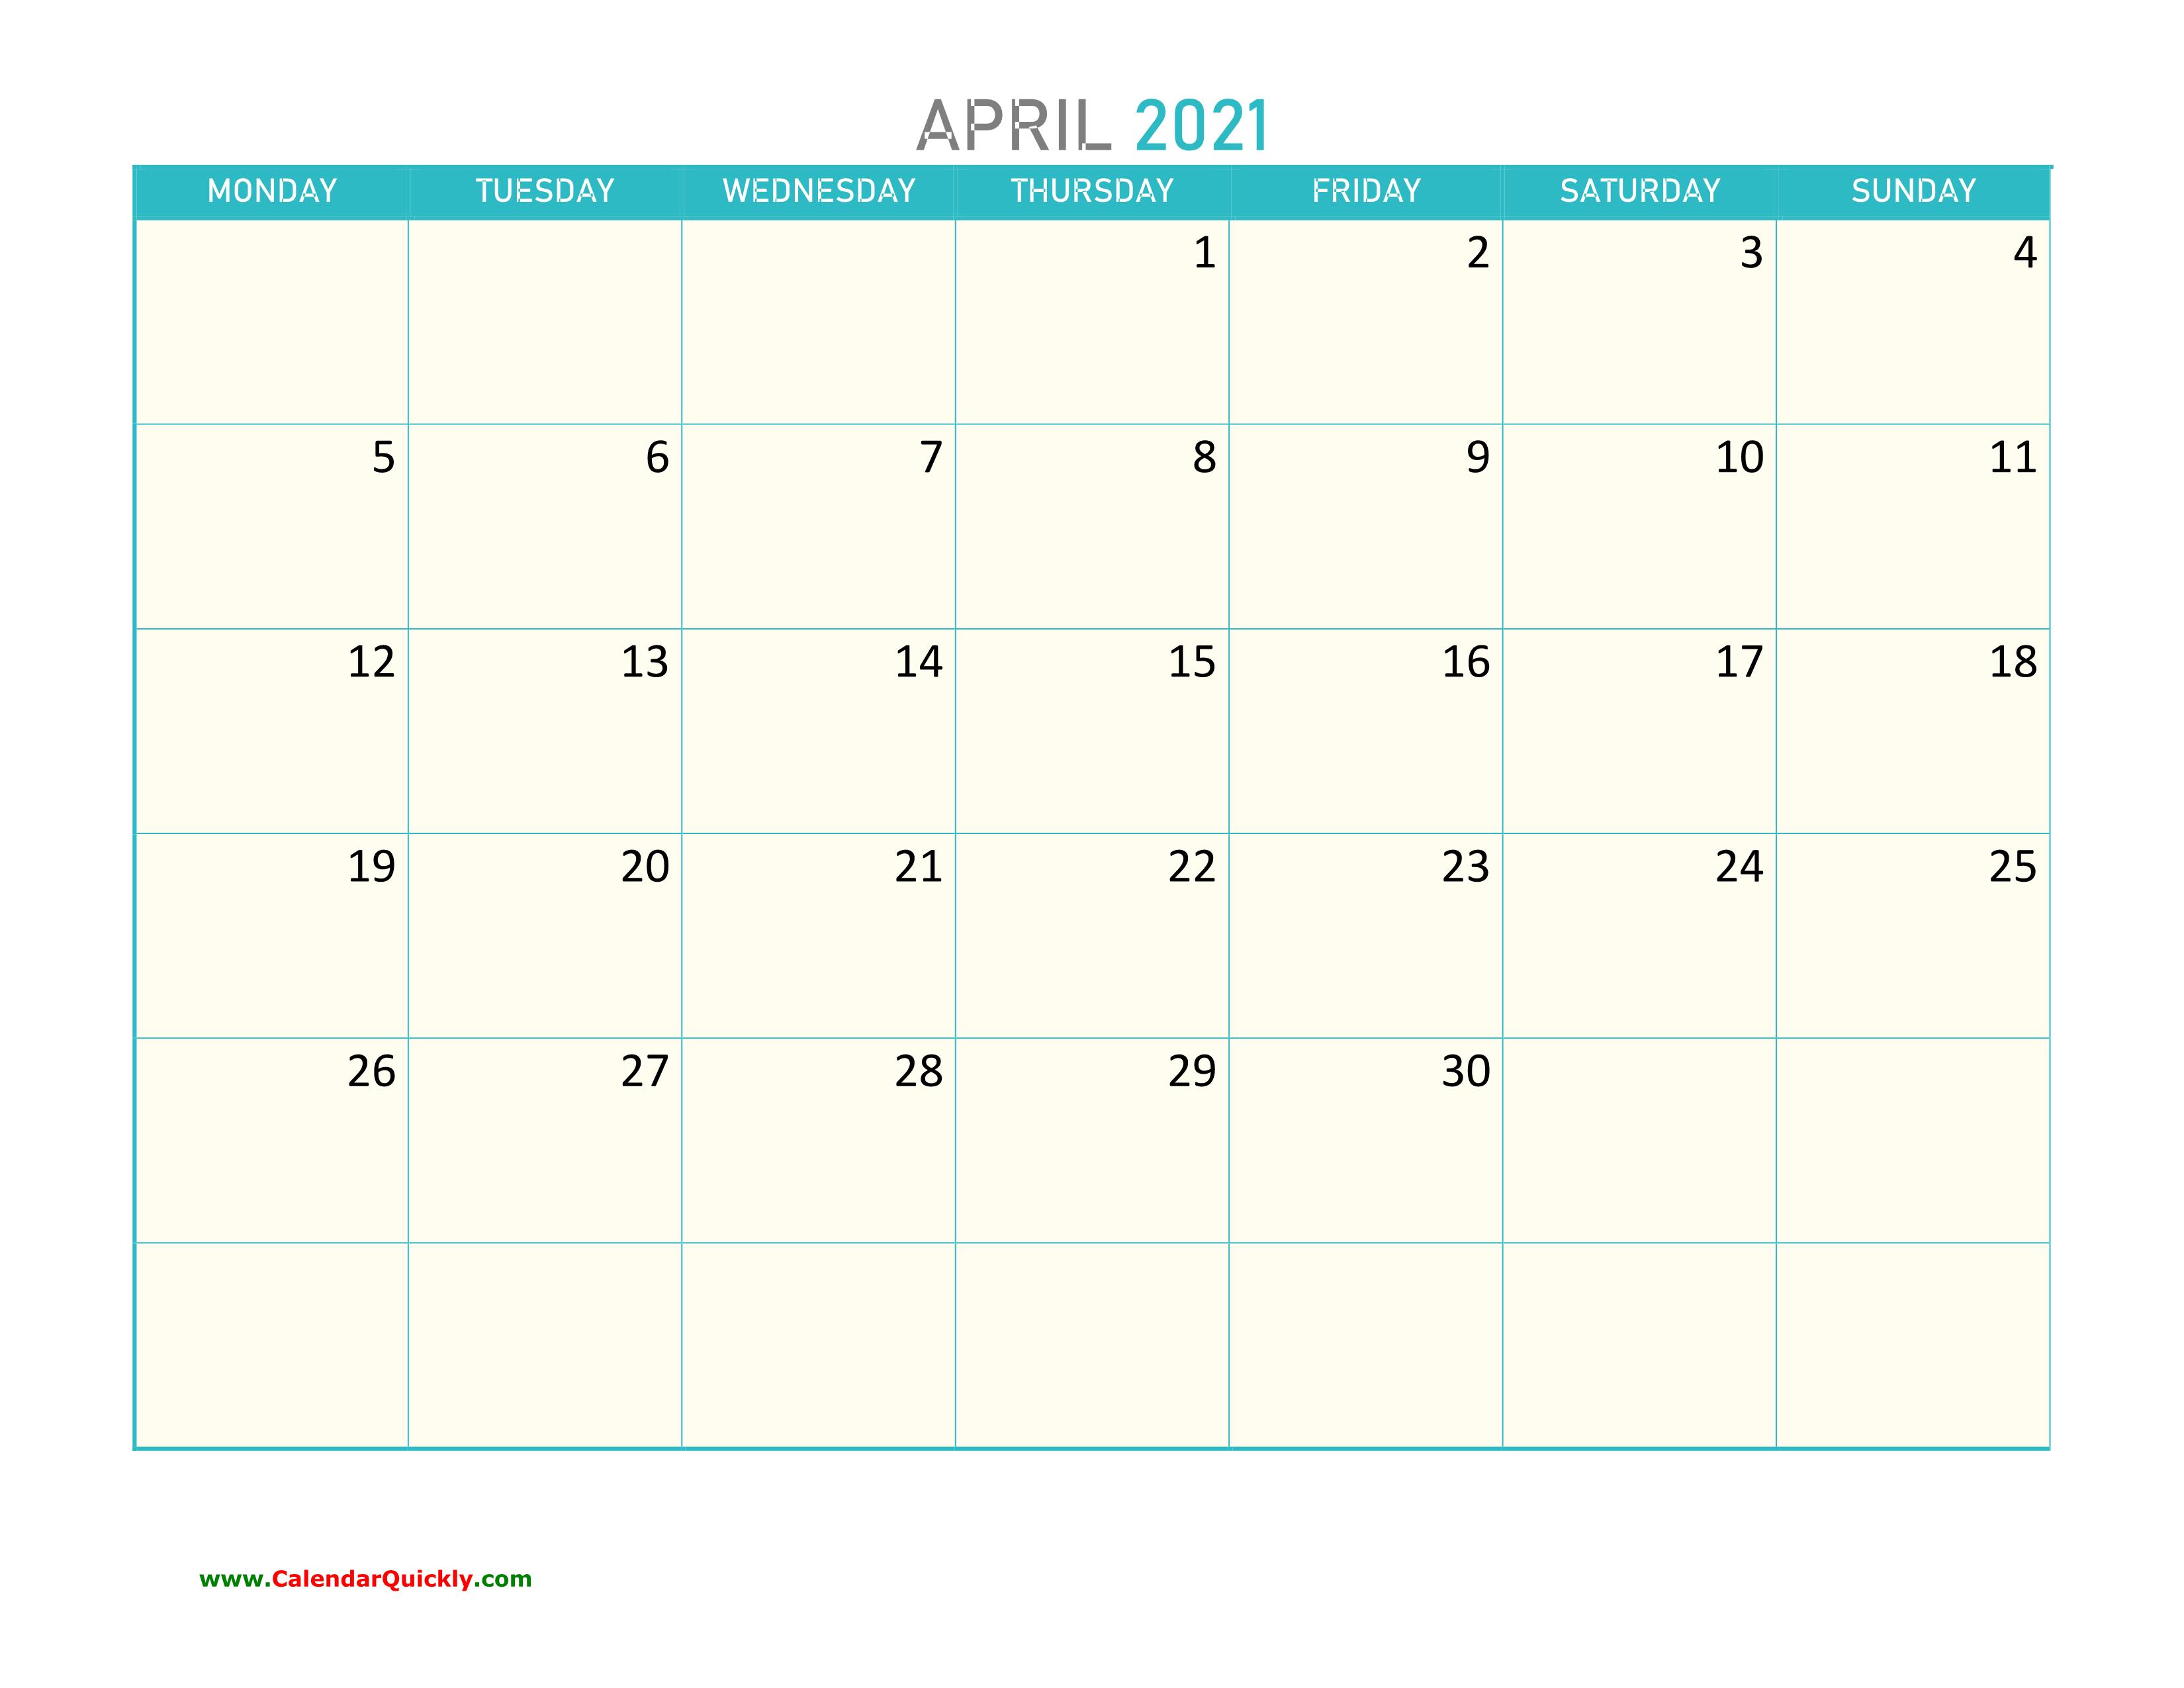 April Monday 2021 Calendar Printable   Calendar Quickly